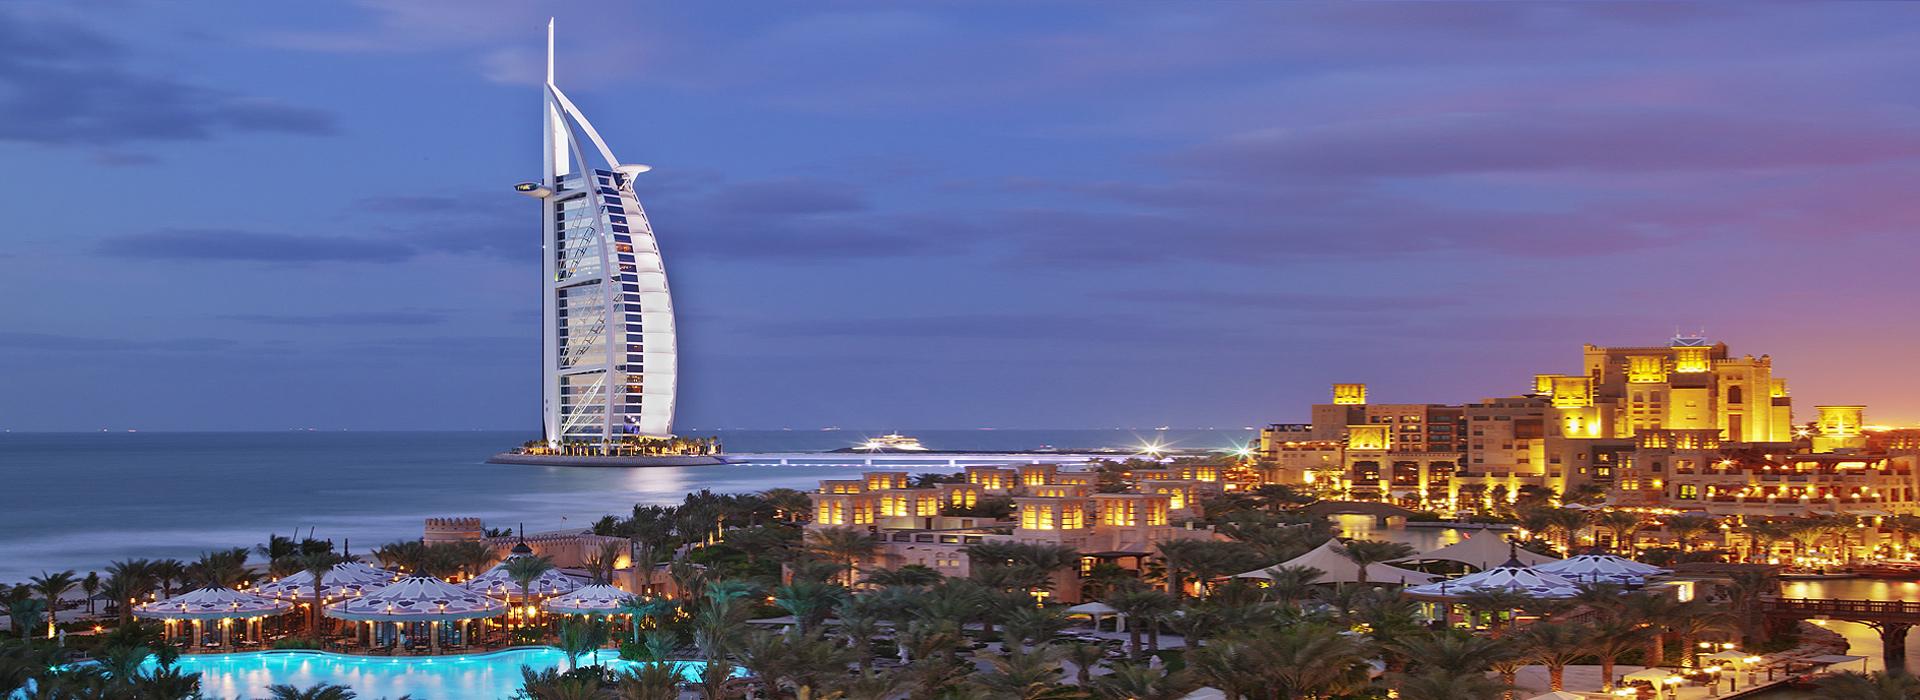 Visado de Abu Dhabi en línea - Emiratos Árabes Unidos